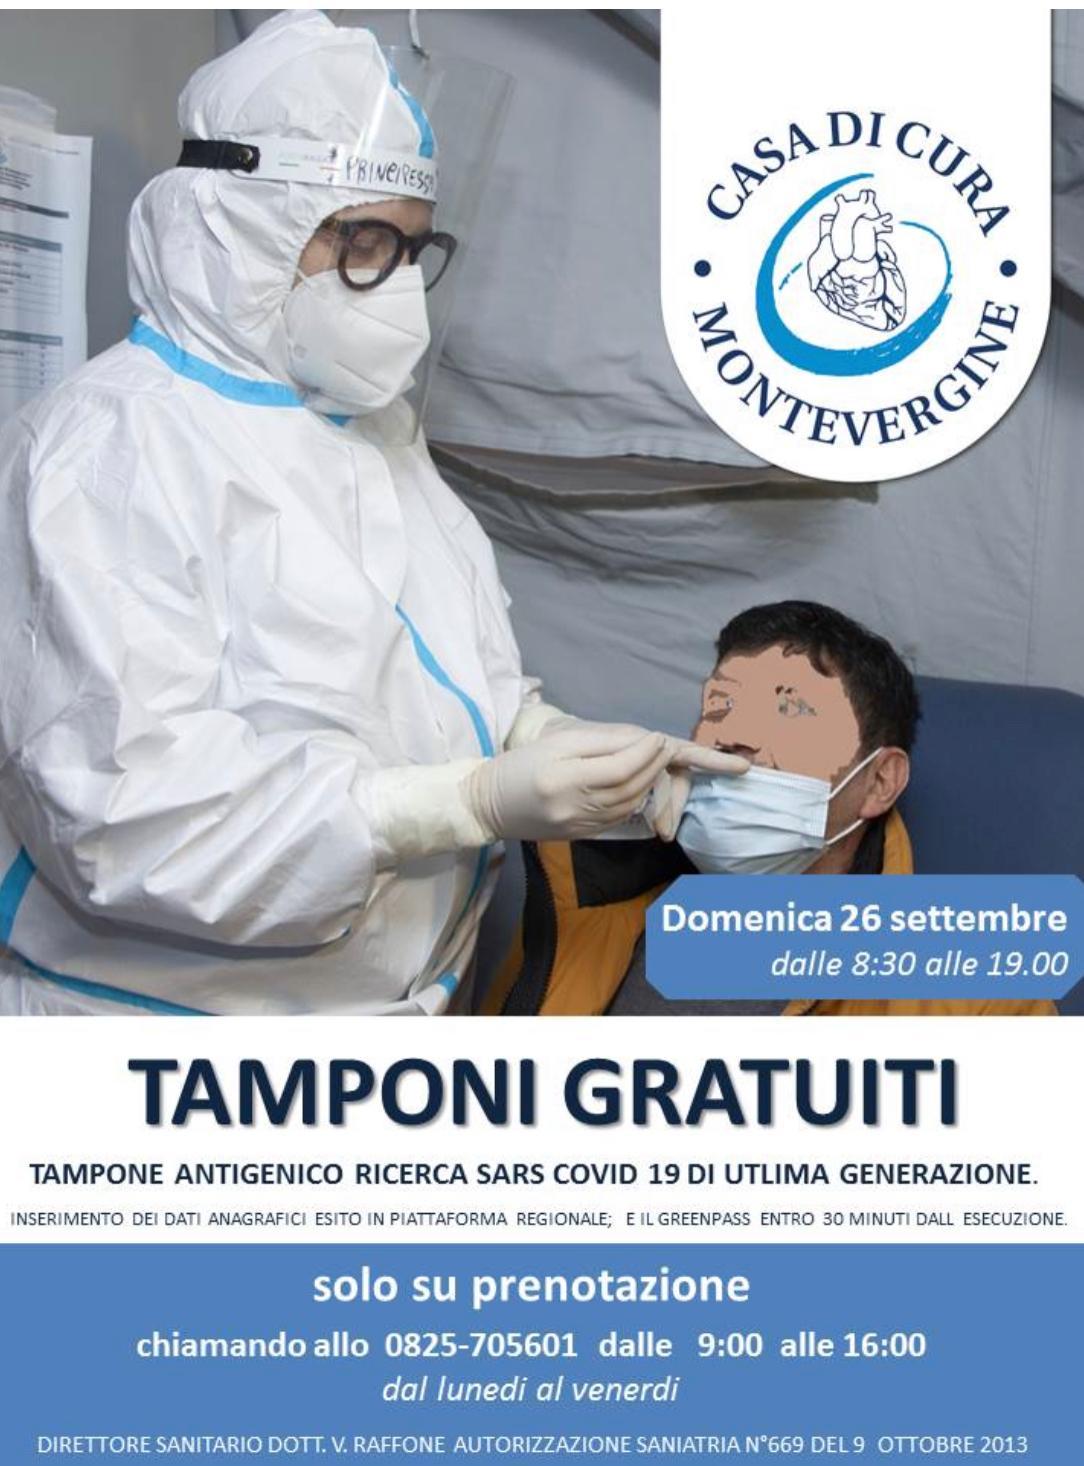 Tamponi antigenici gratuiti, su prenotazione, il 26 settembre